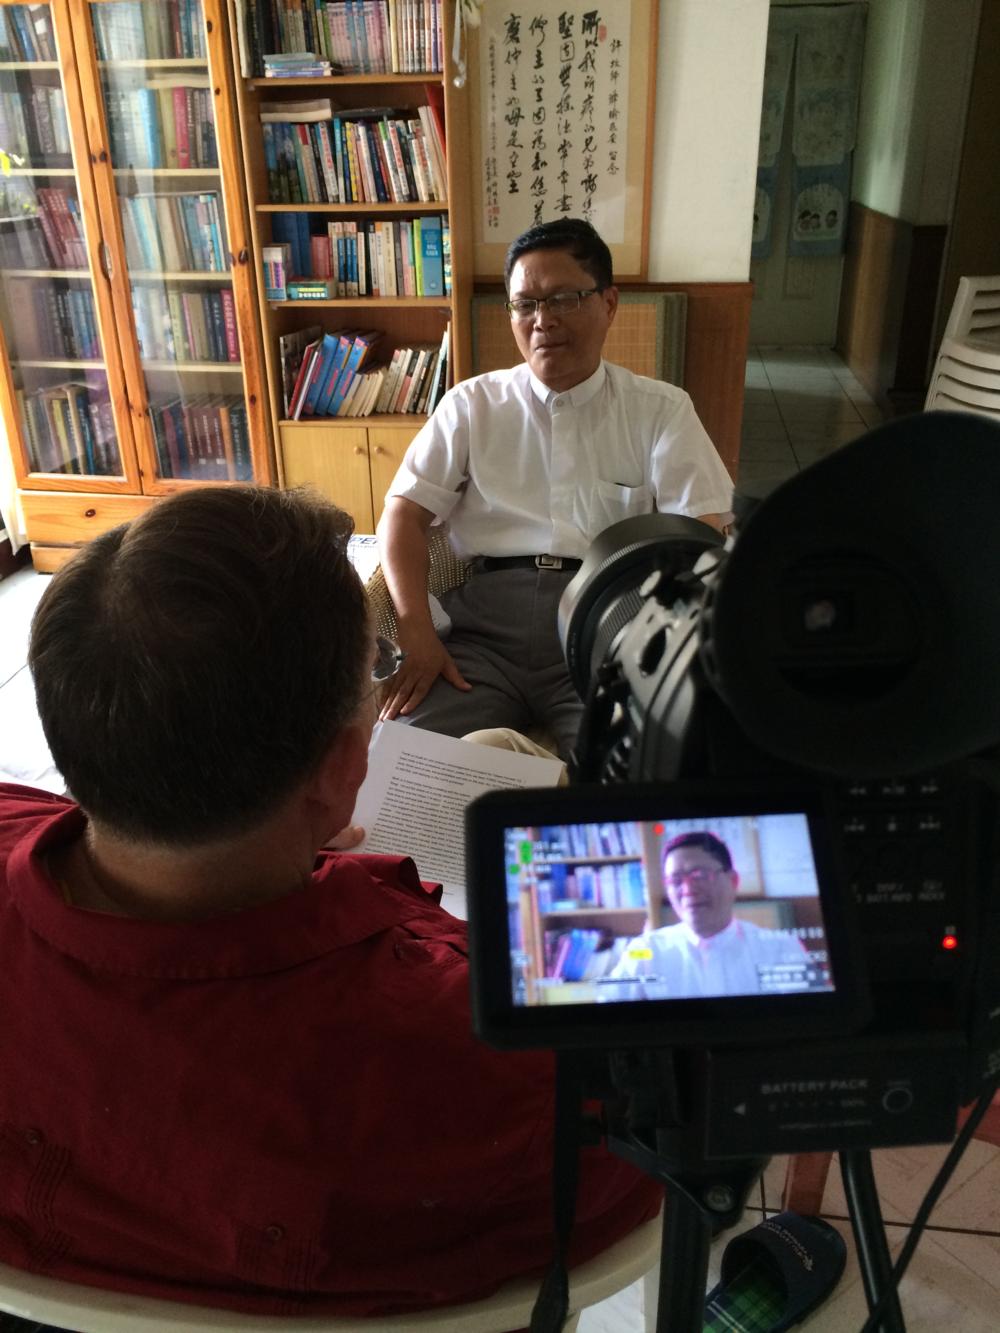 Pastor Samuel Hsu, OC International